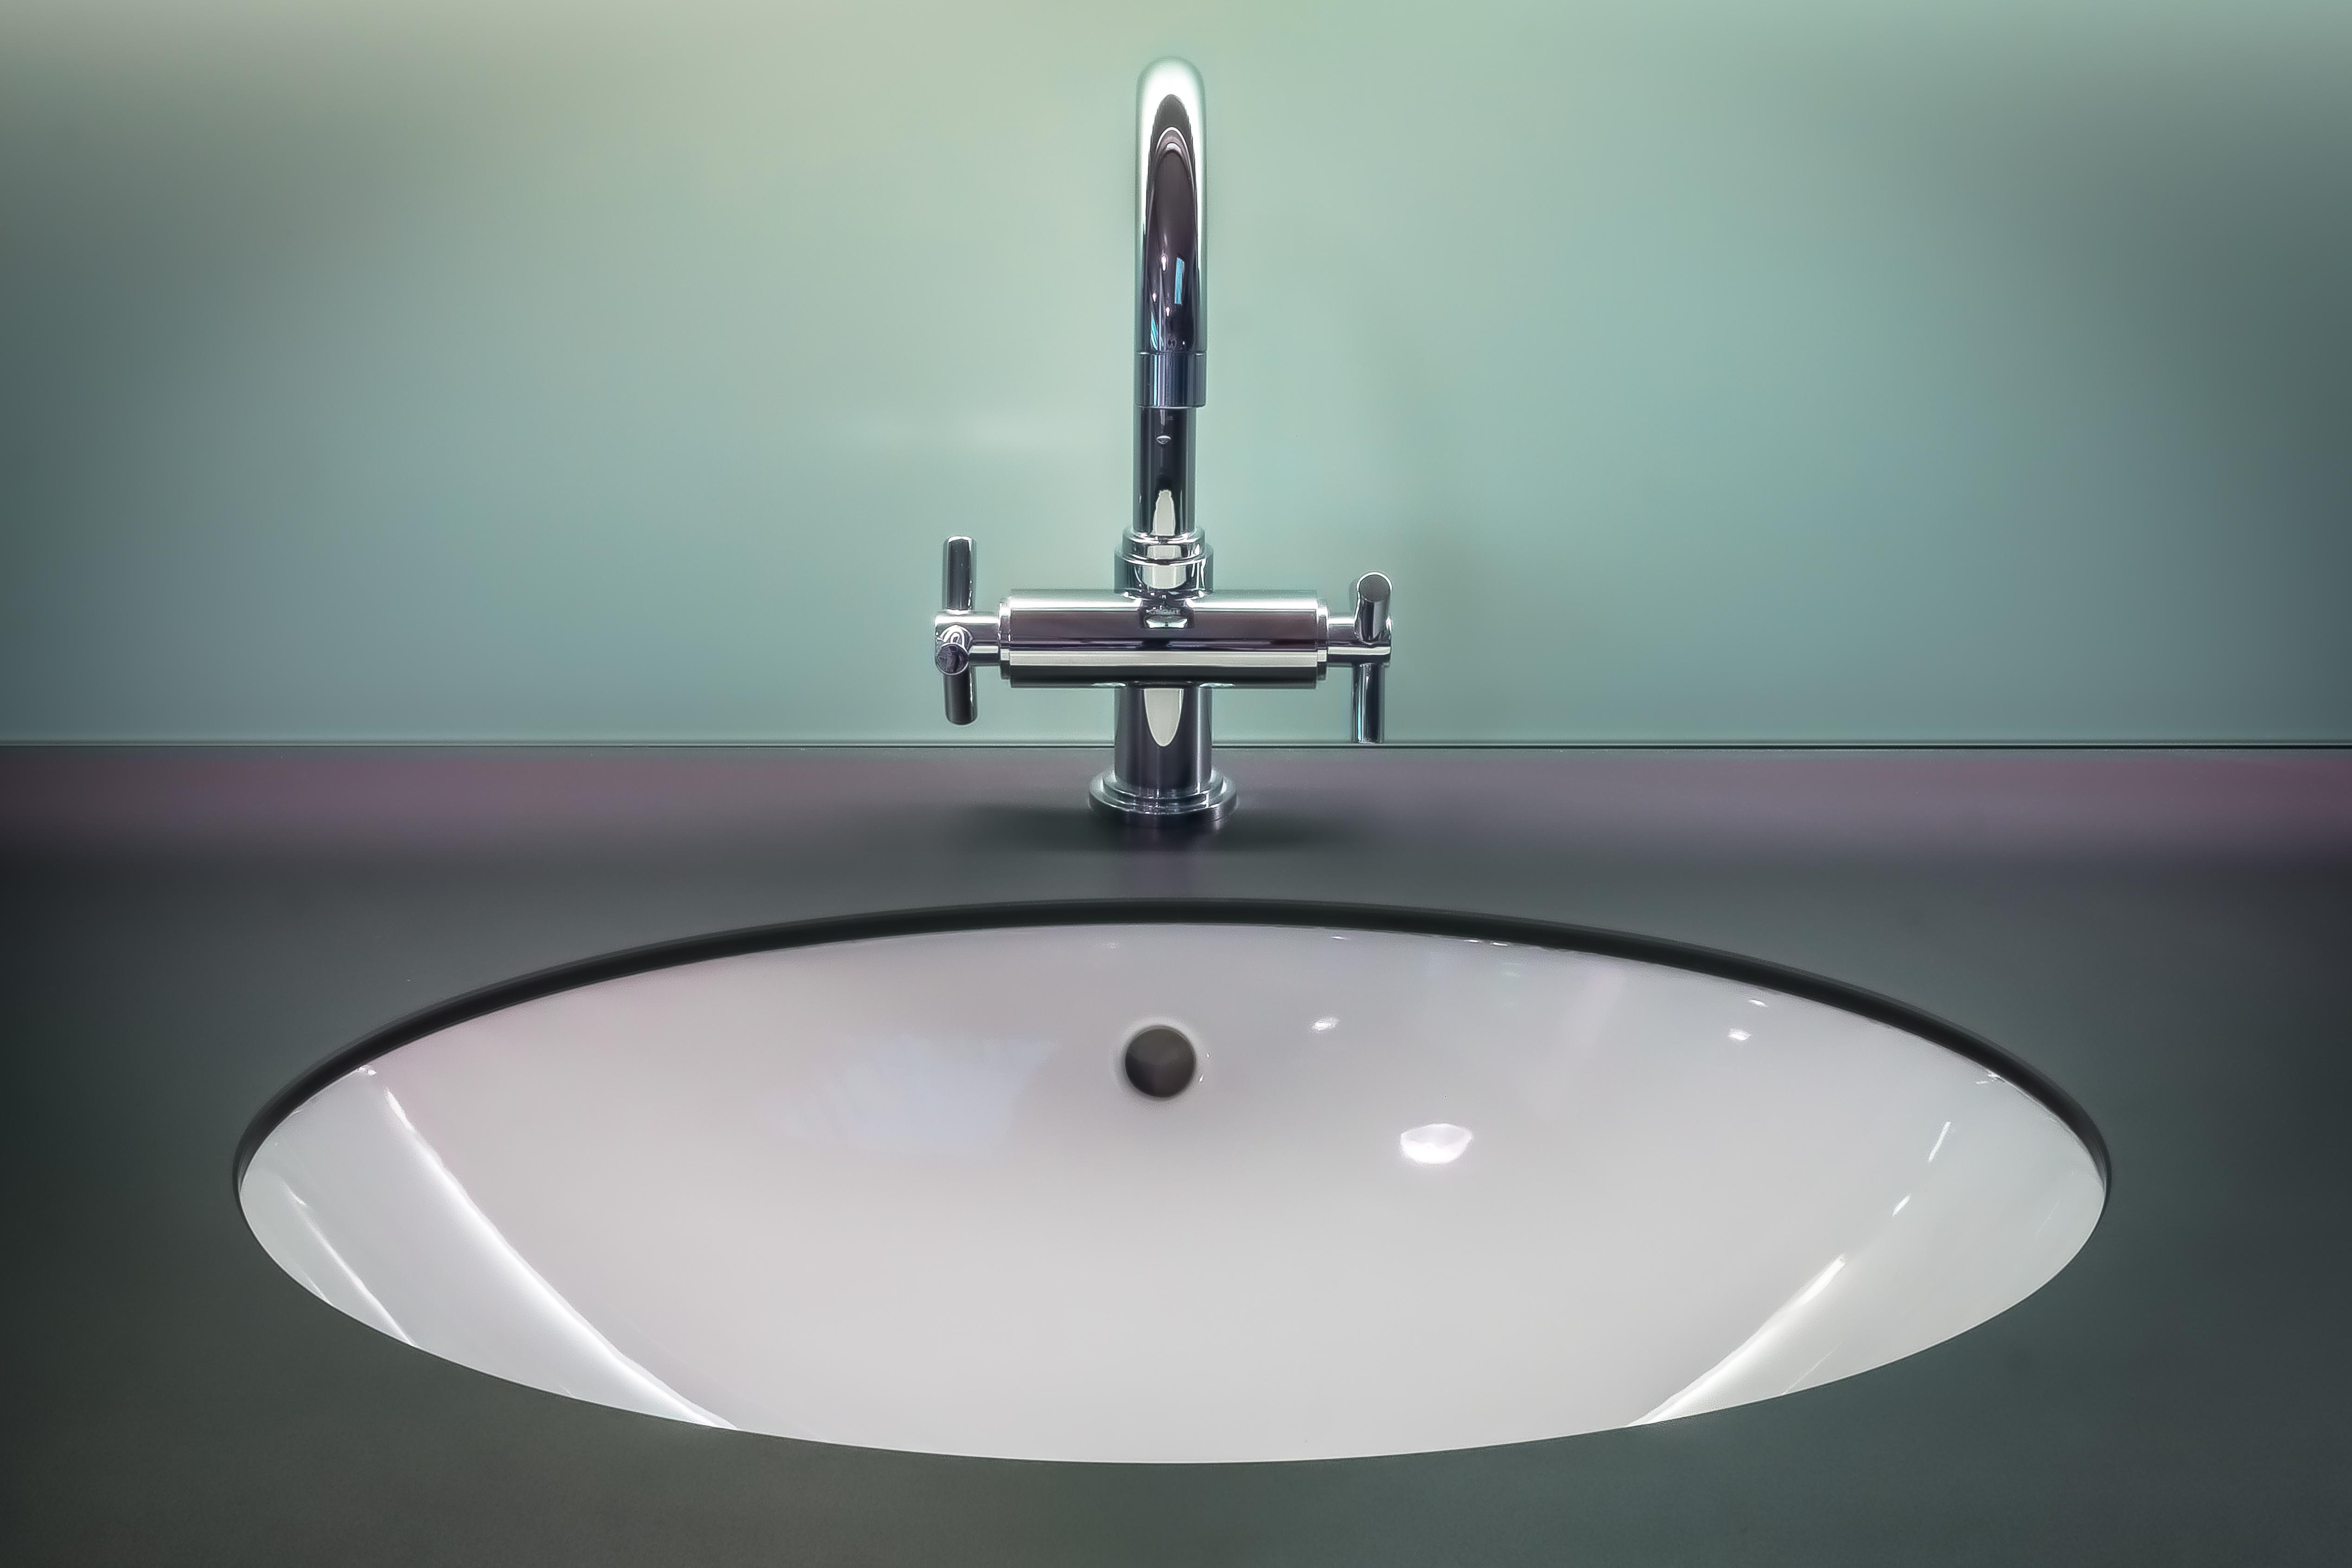 clean sink room lighting modern stainless steel bathtub bathroom indoors tap faucet bidet plumbing fixture vanity top Simphome com